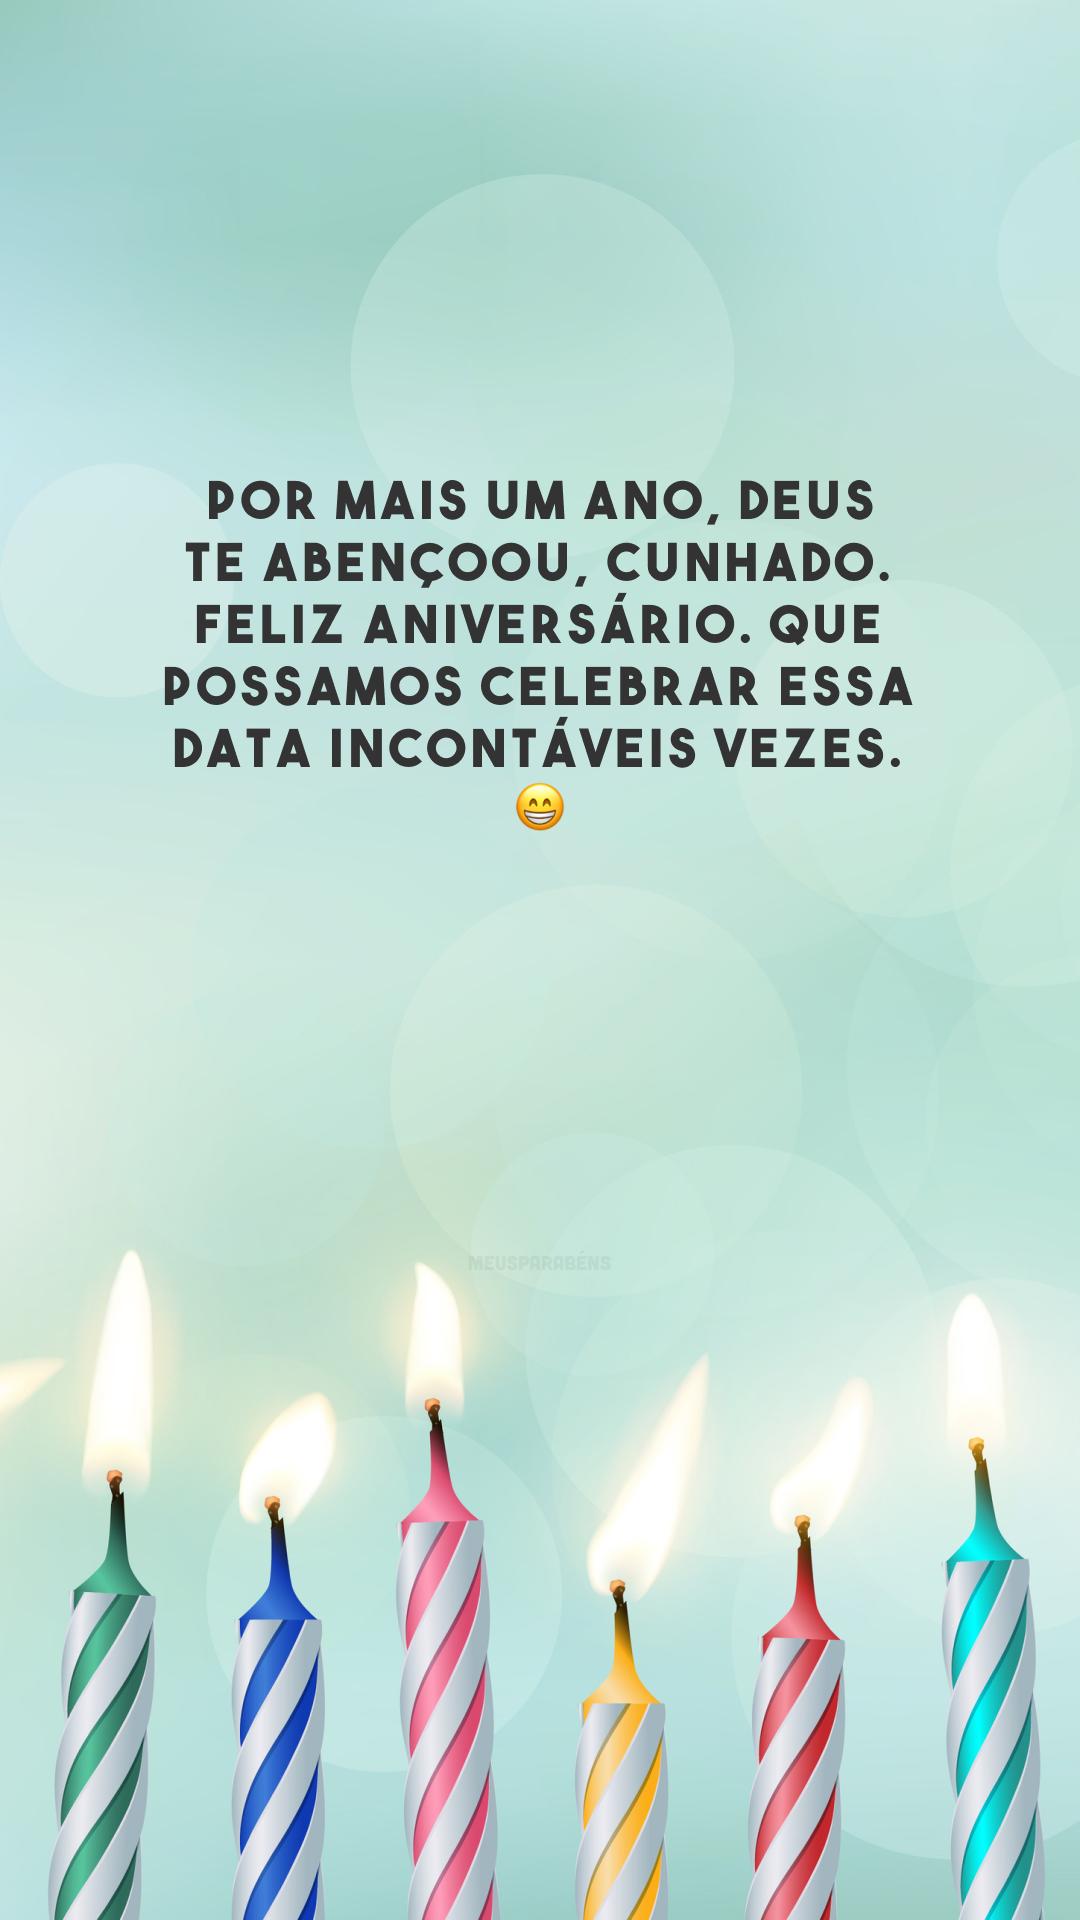 Por mais um ano, Deus te abençoou, cunhado. Feliz aniversário. Que possamos celebrar essa data incontáveis vezes. 😁